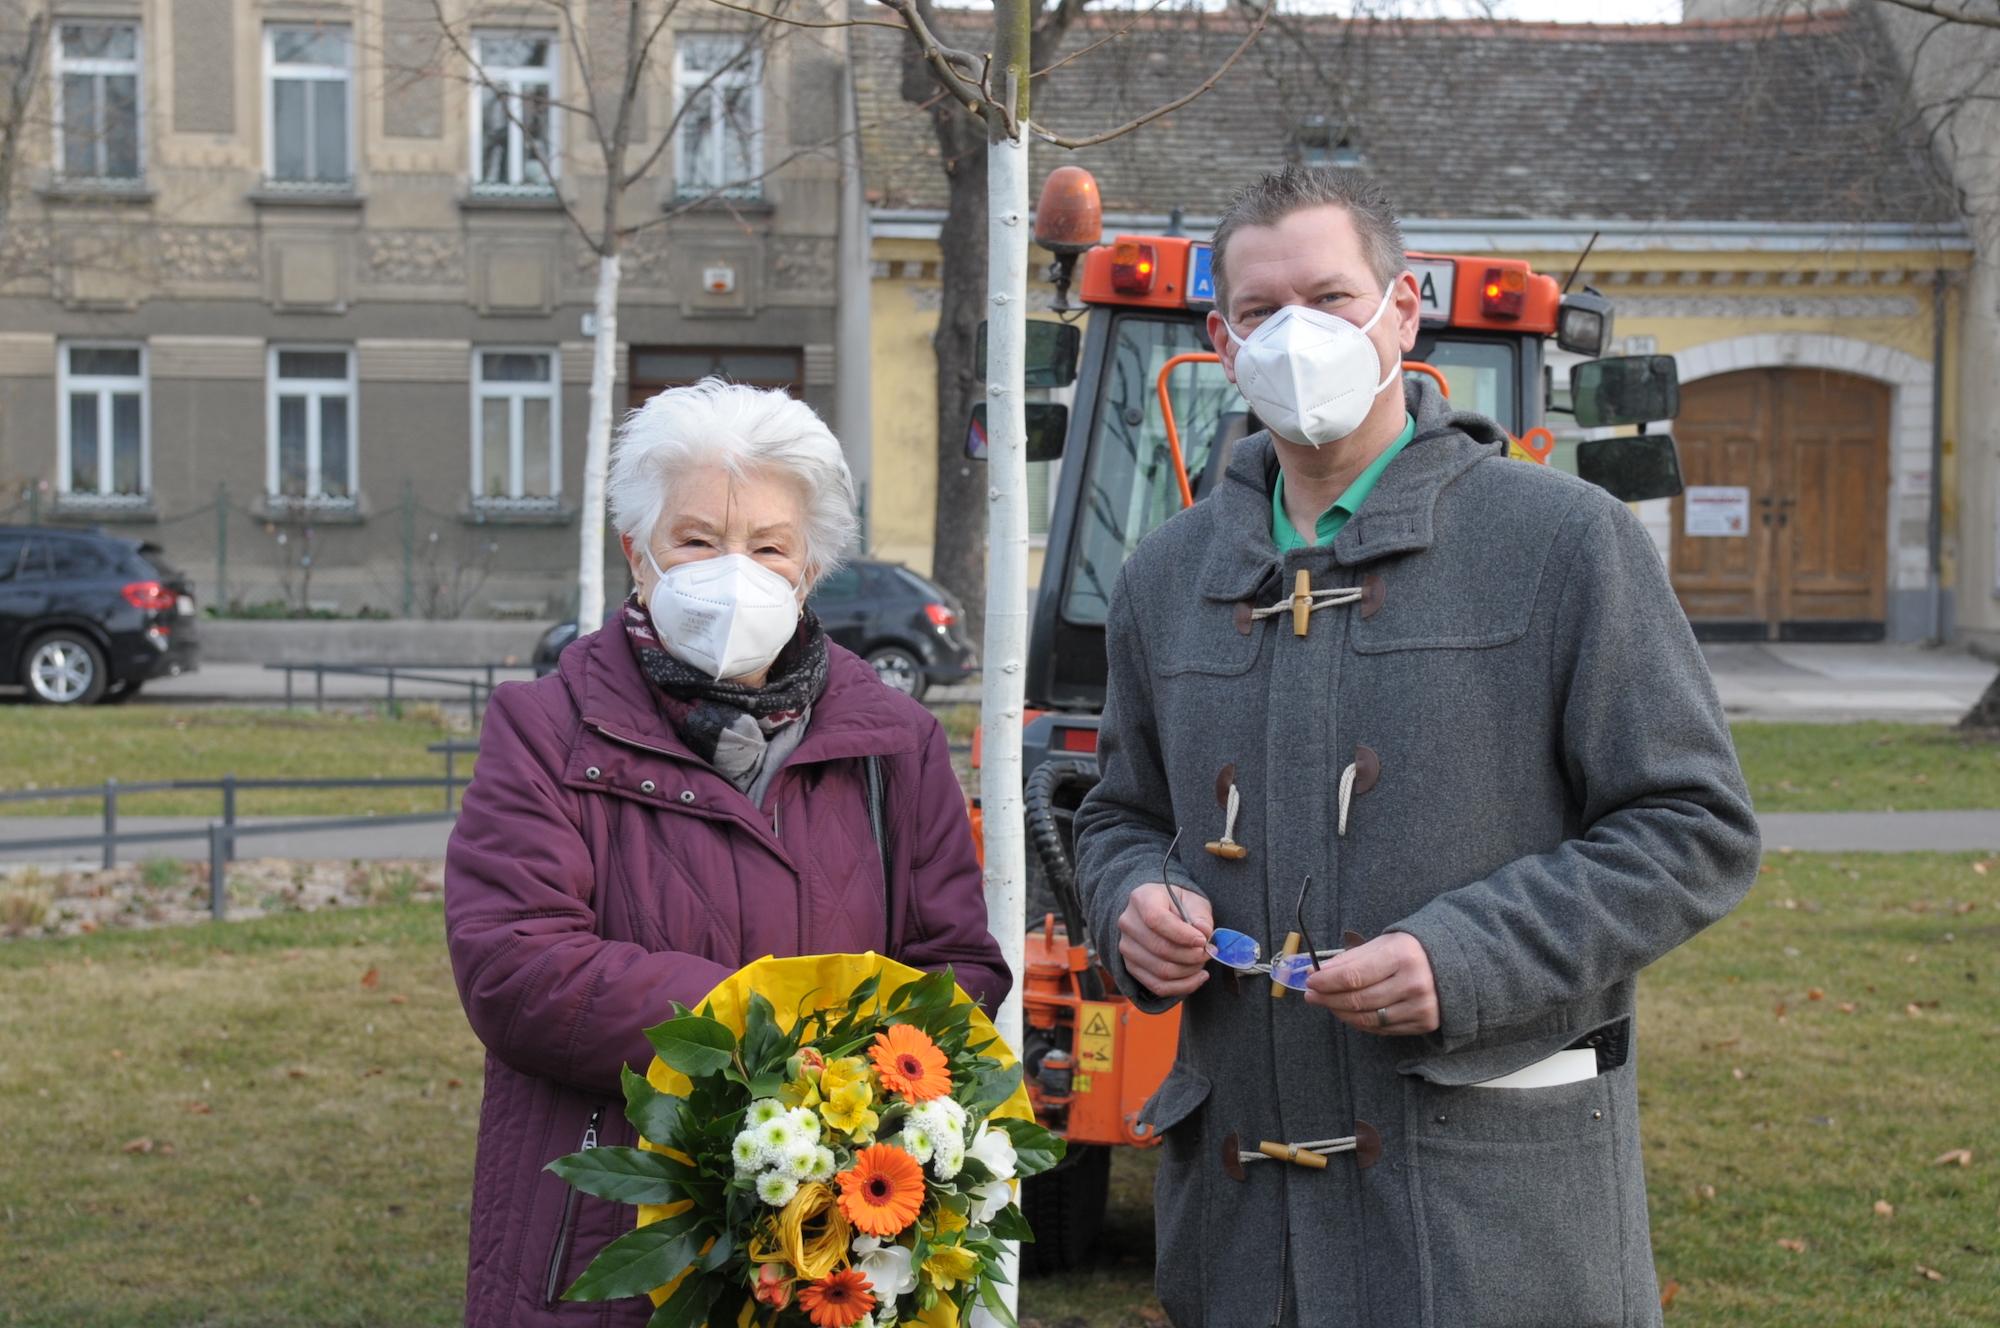 Baumpflanzung am Leopoldauer Platz in Erinnerung an Karl Seidl. Bild: BV21.